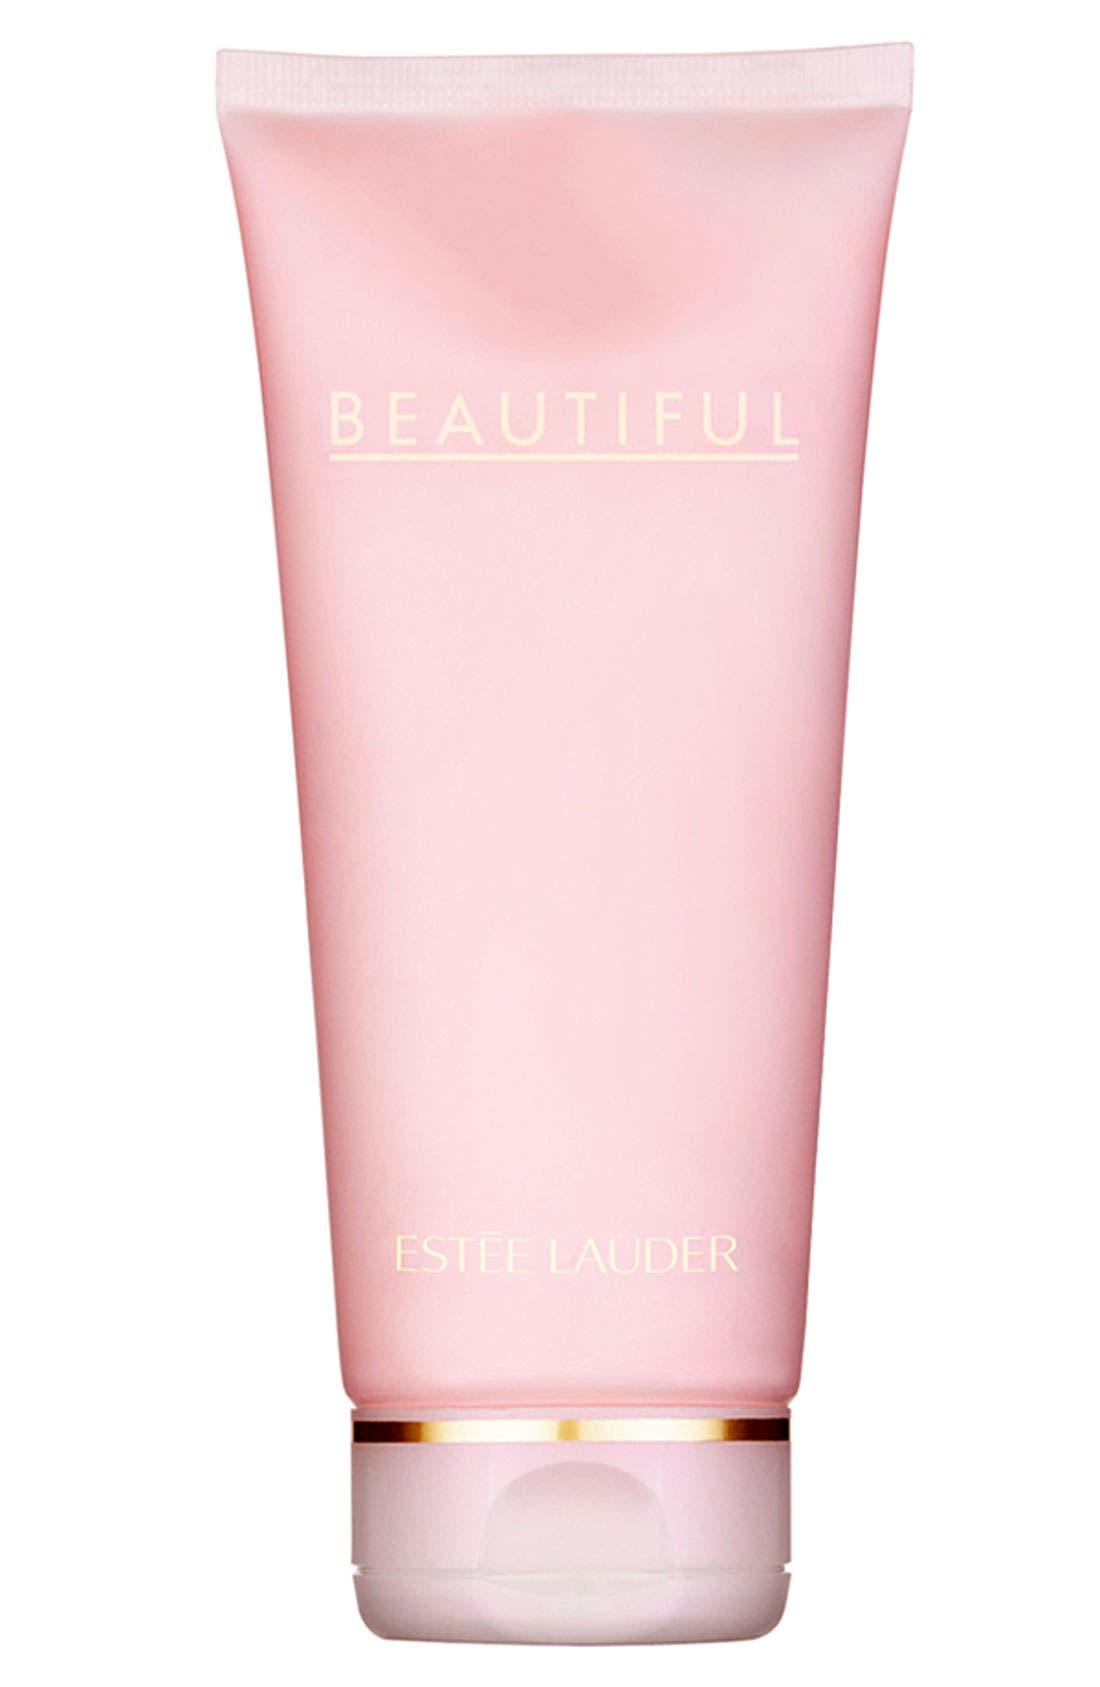 Estée Lauder 'Beautiful' Bath & Shower Gelée